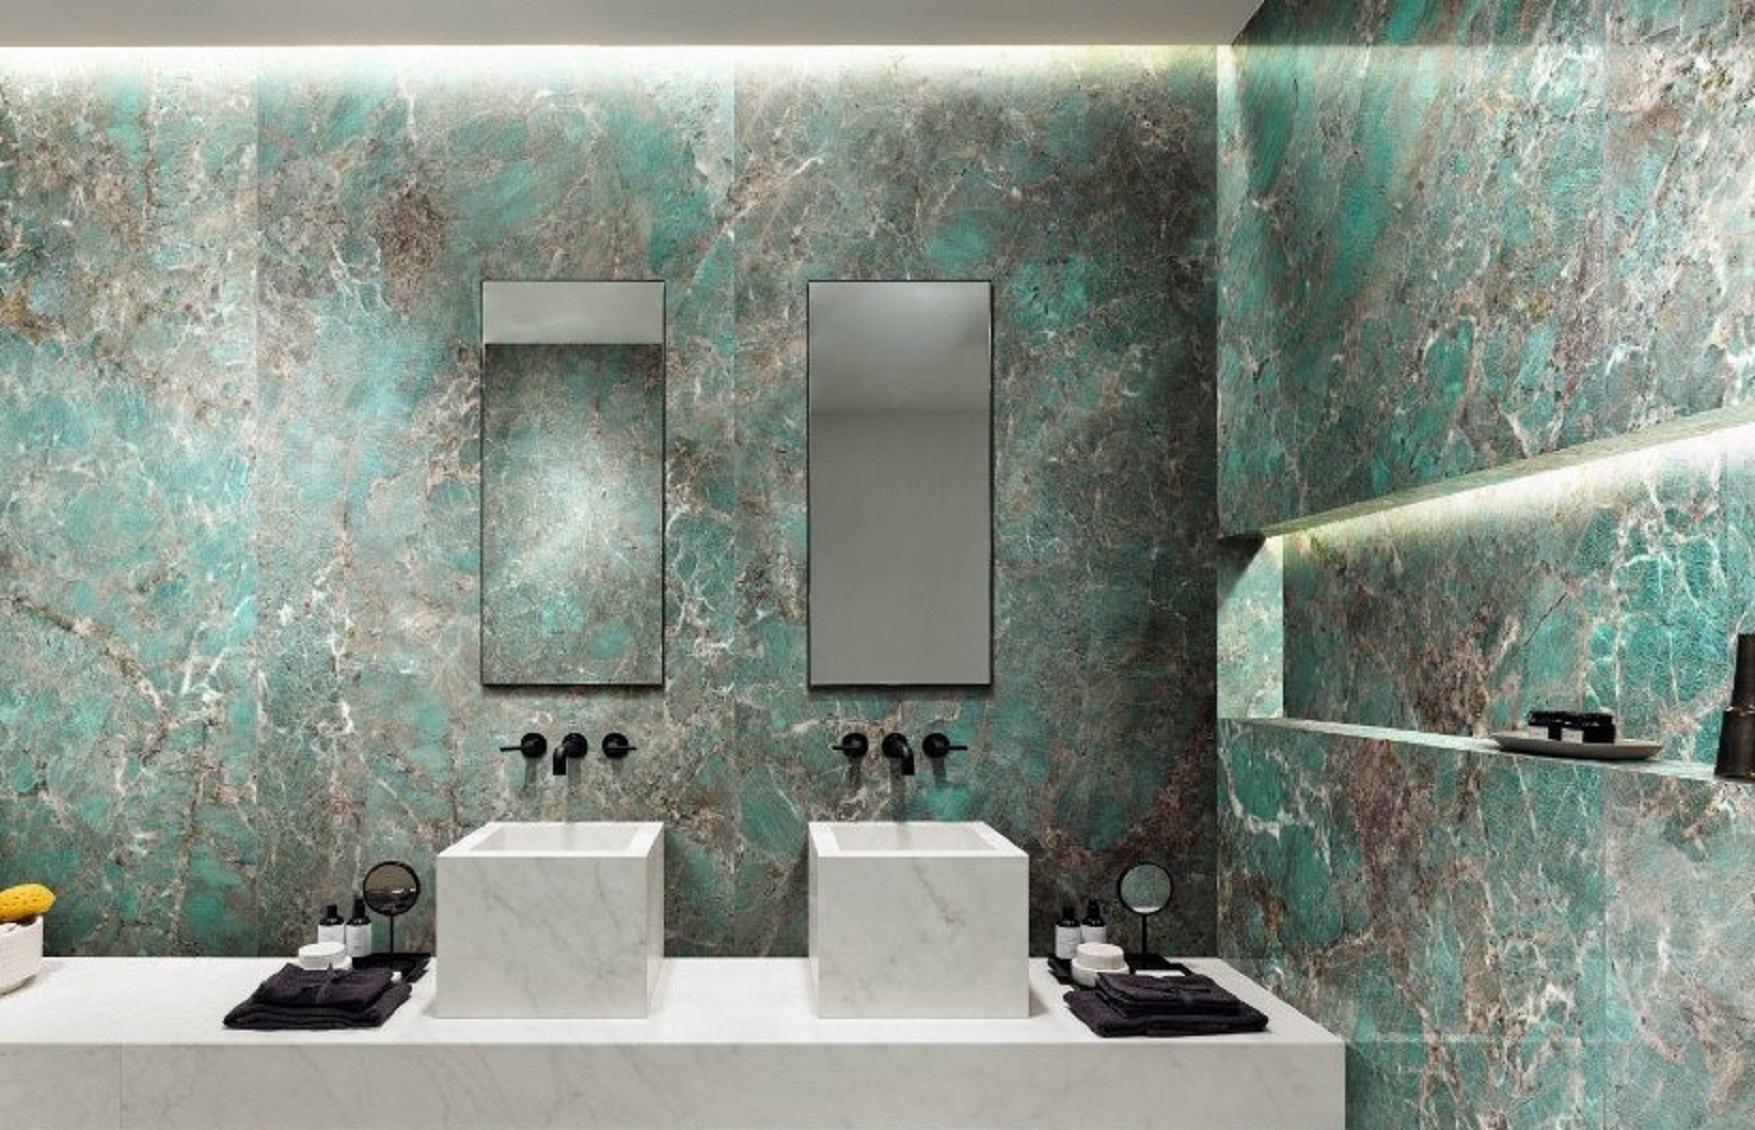 Salon łazienek Płytki Ceramiczne łazienki Gresglazura